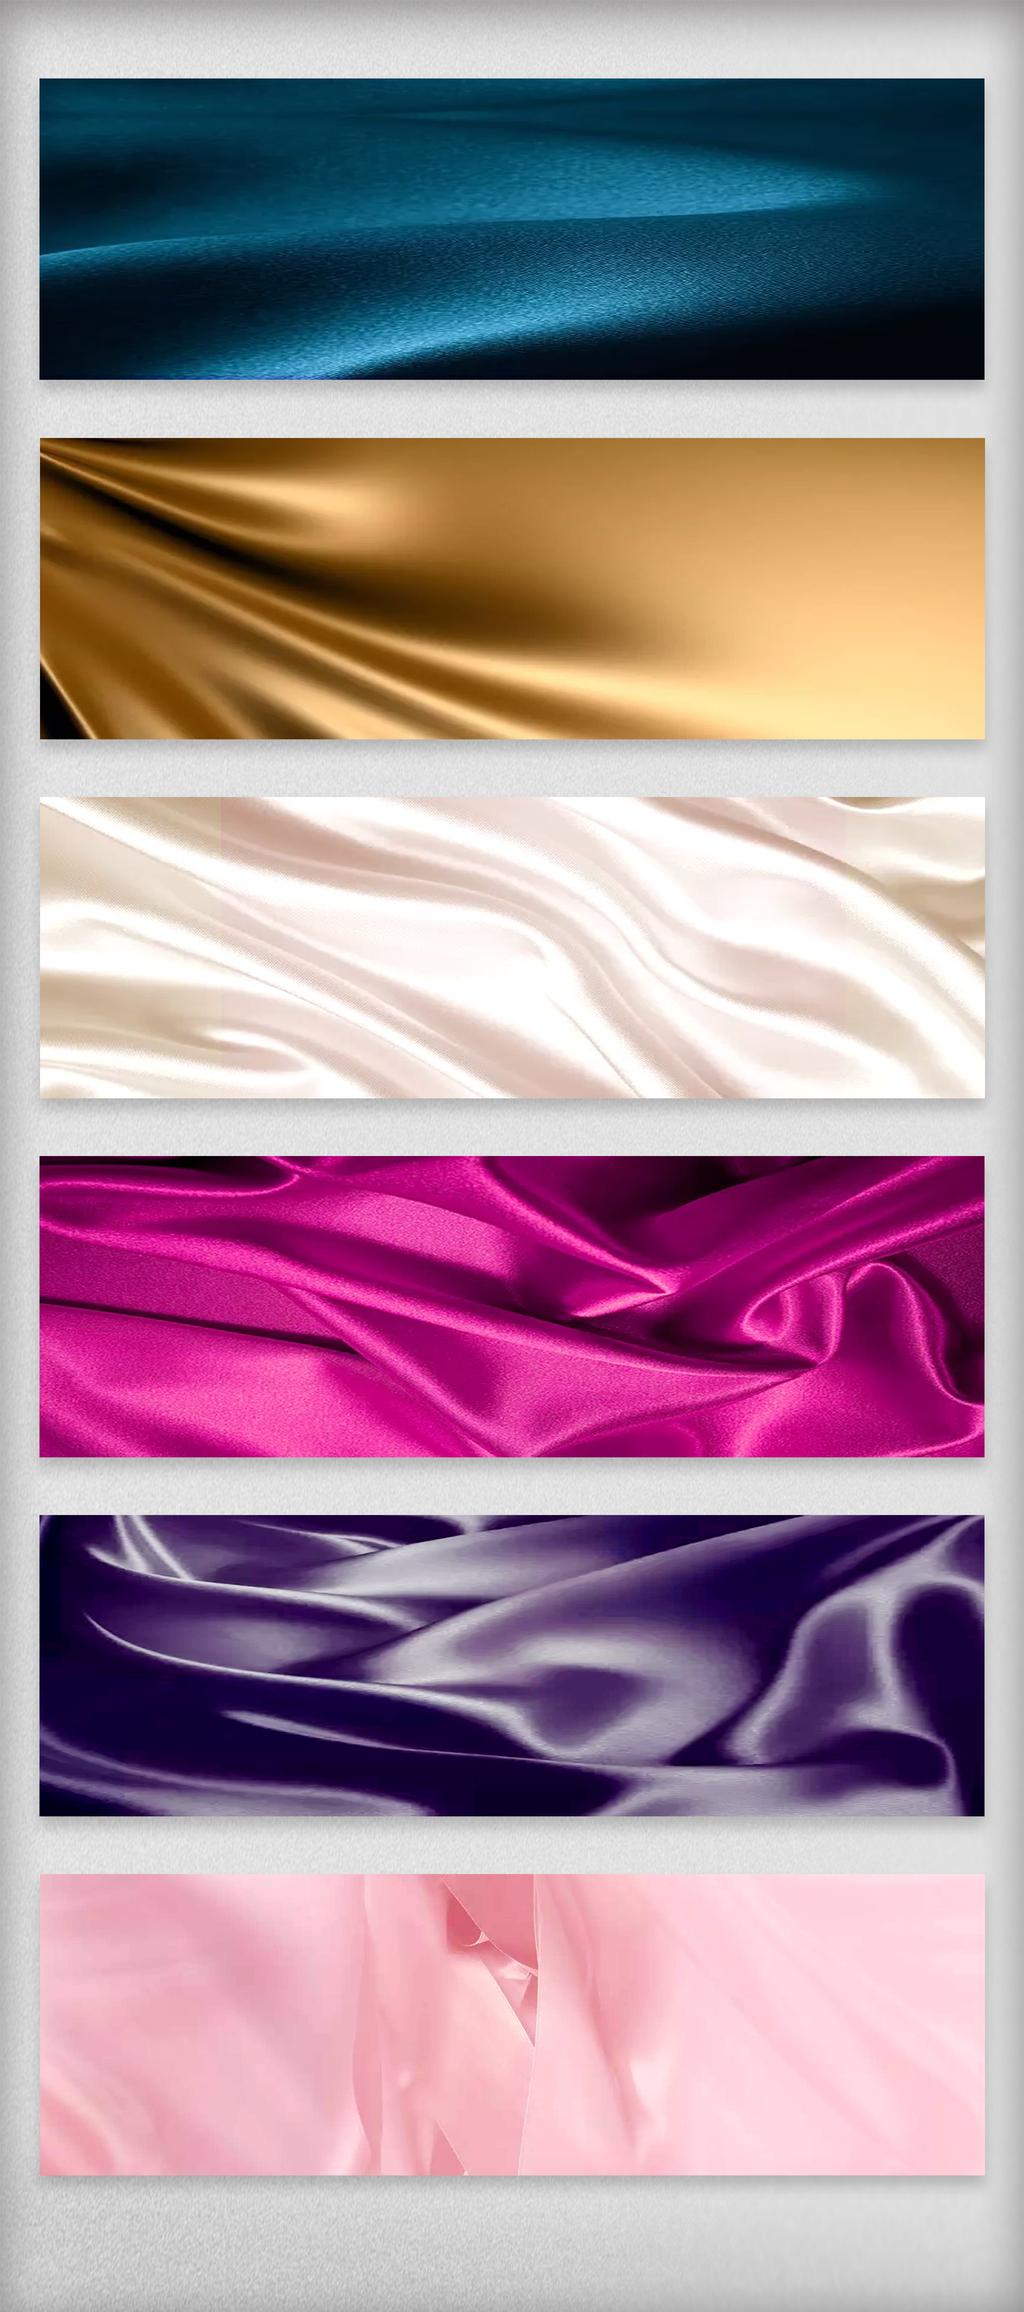 梦幻丝绸质感光泽背景图片设计素材 高清PSD模板下载 17.13MB s2880366814分享 淘宝综合模板大全图片